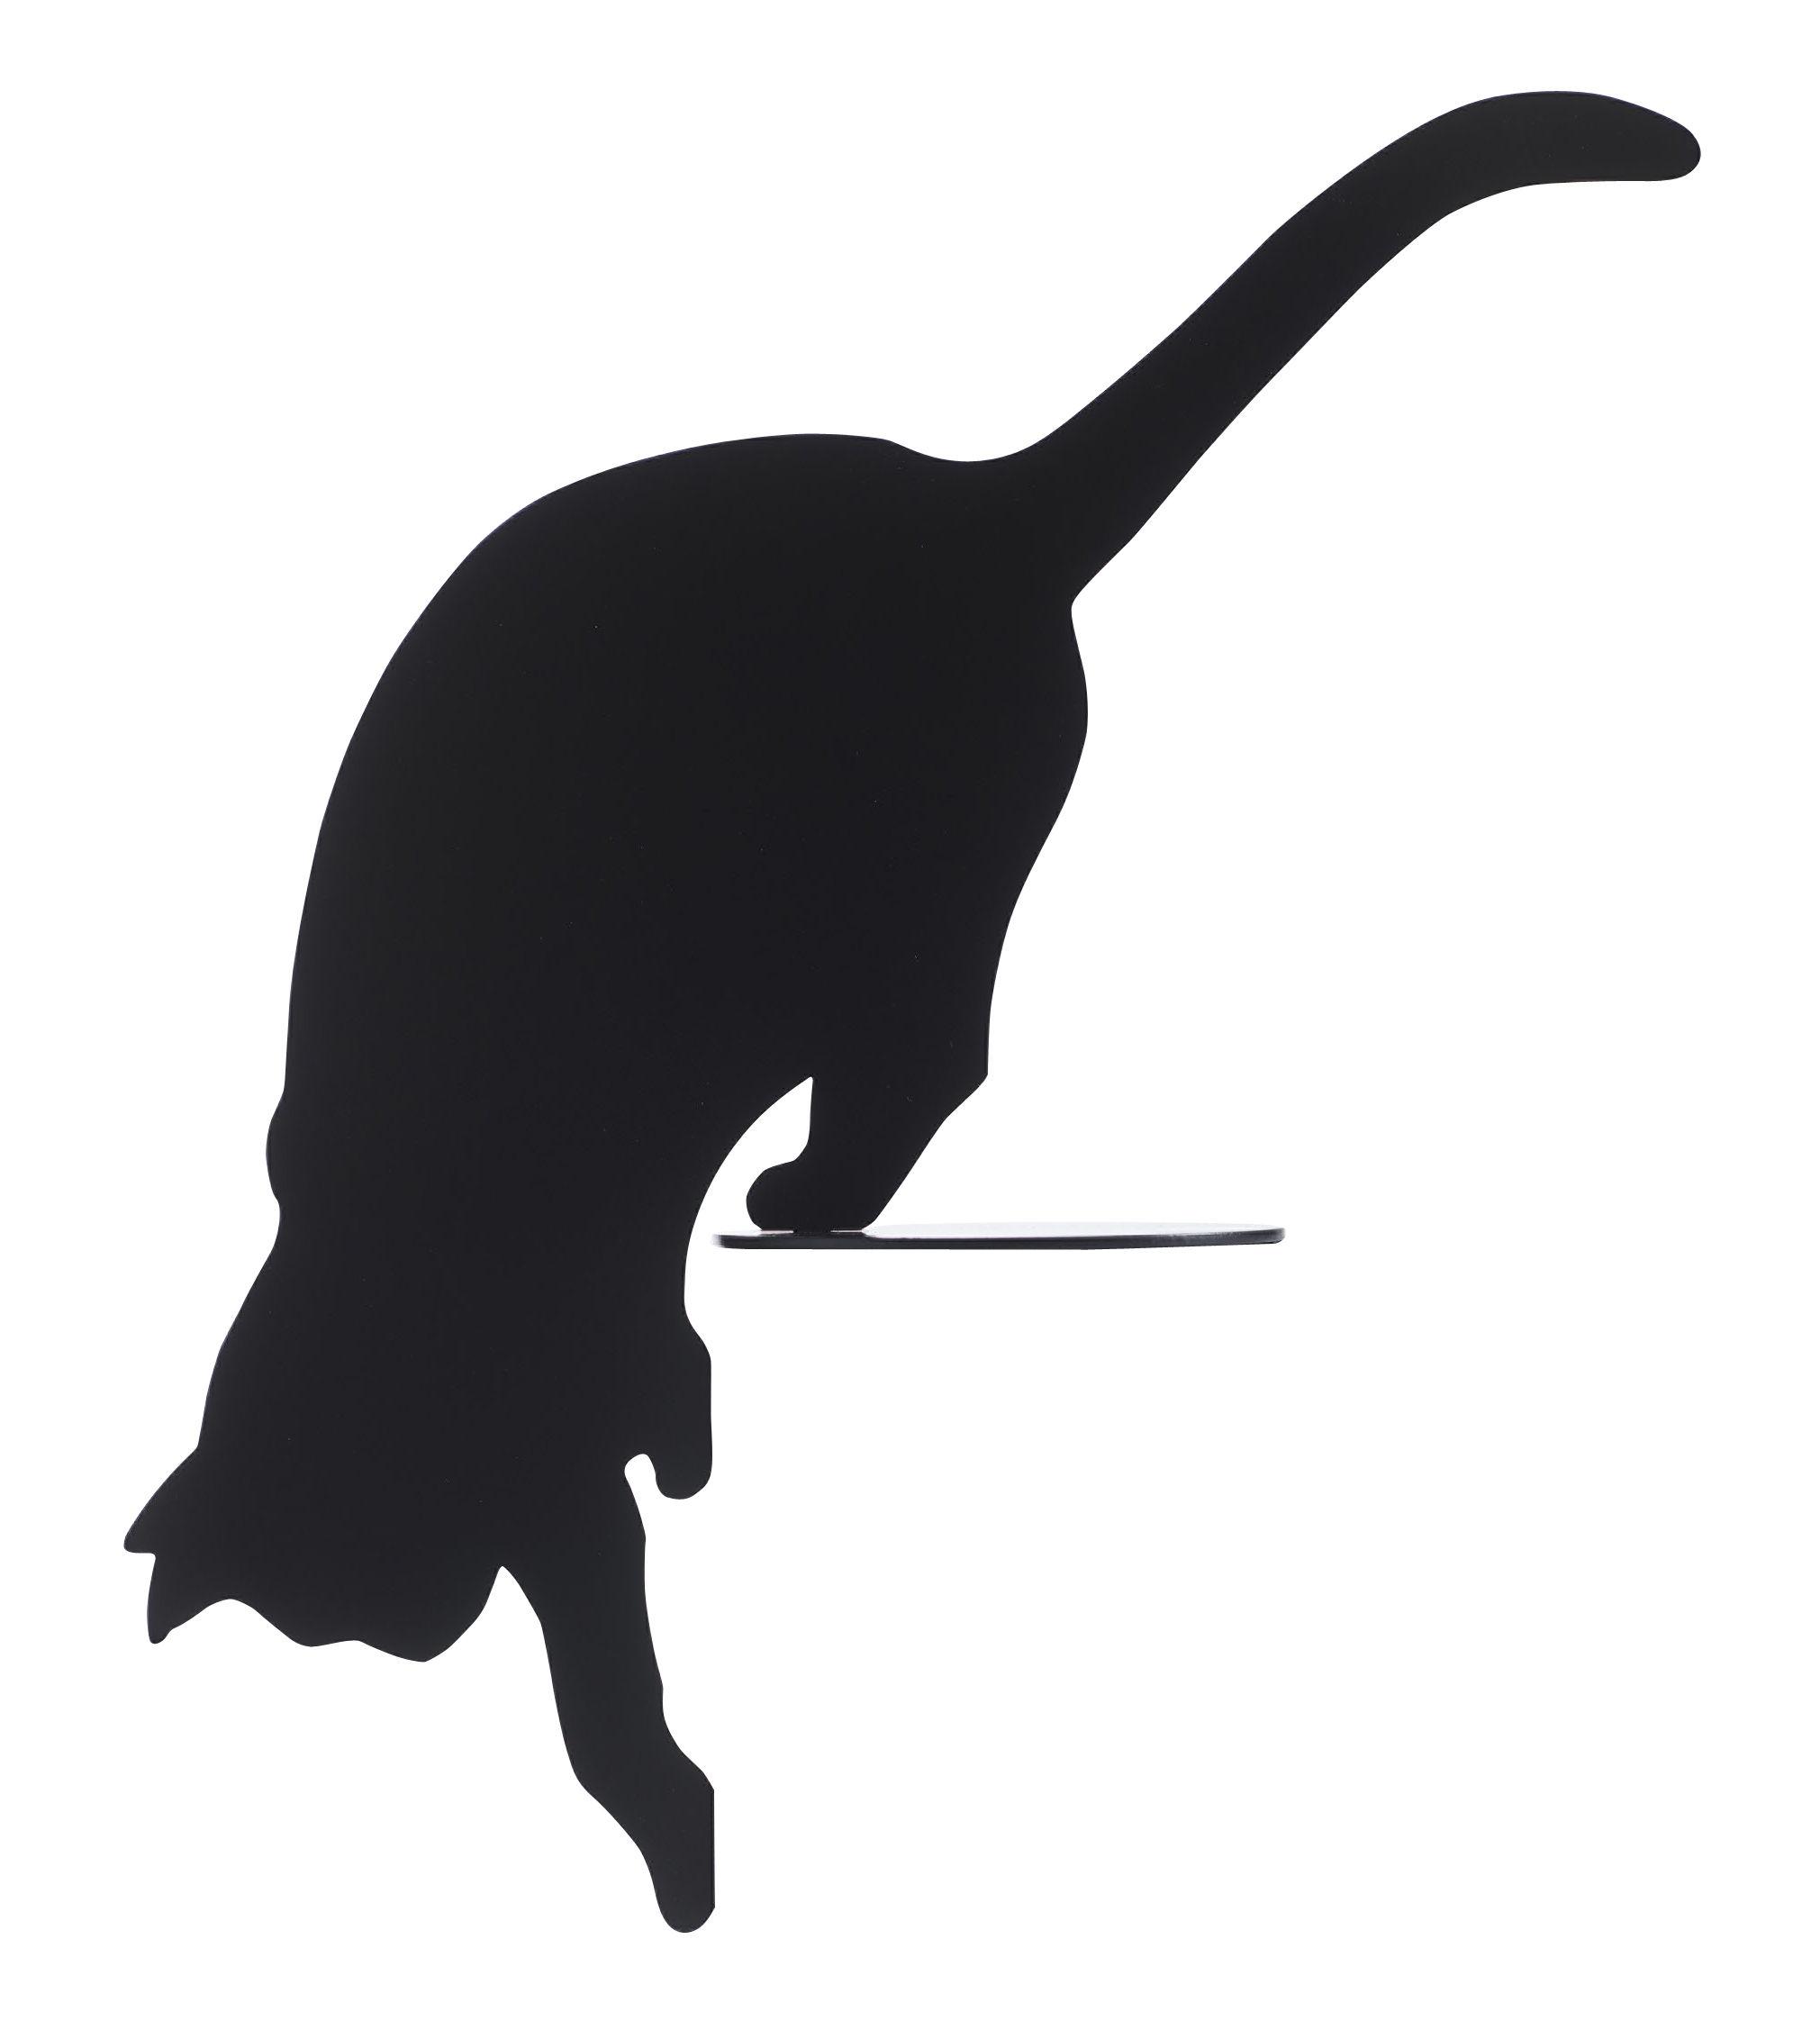 Déco - Objets déco et cadres-photos - Décoration Ombres de chats N°3 / à poser - 45 x H 47 cm - Opinion Ciatti - N°3 / Noir - Acier